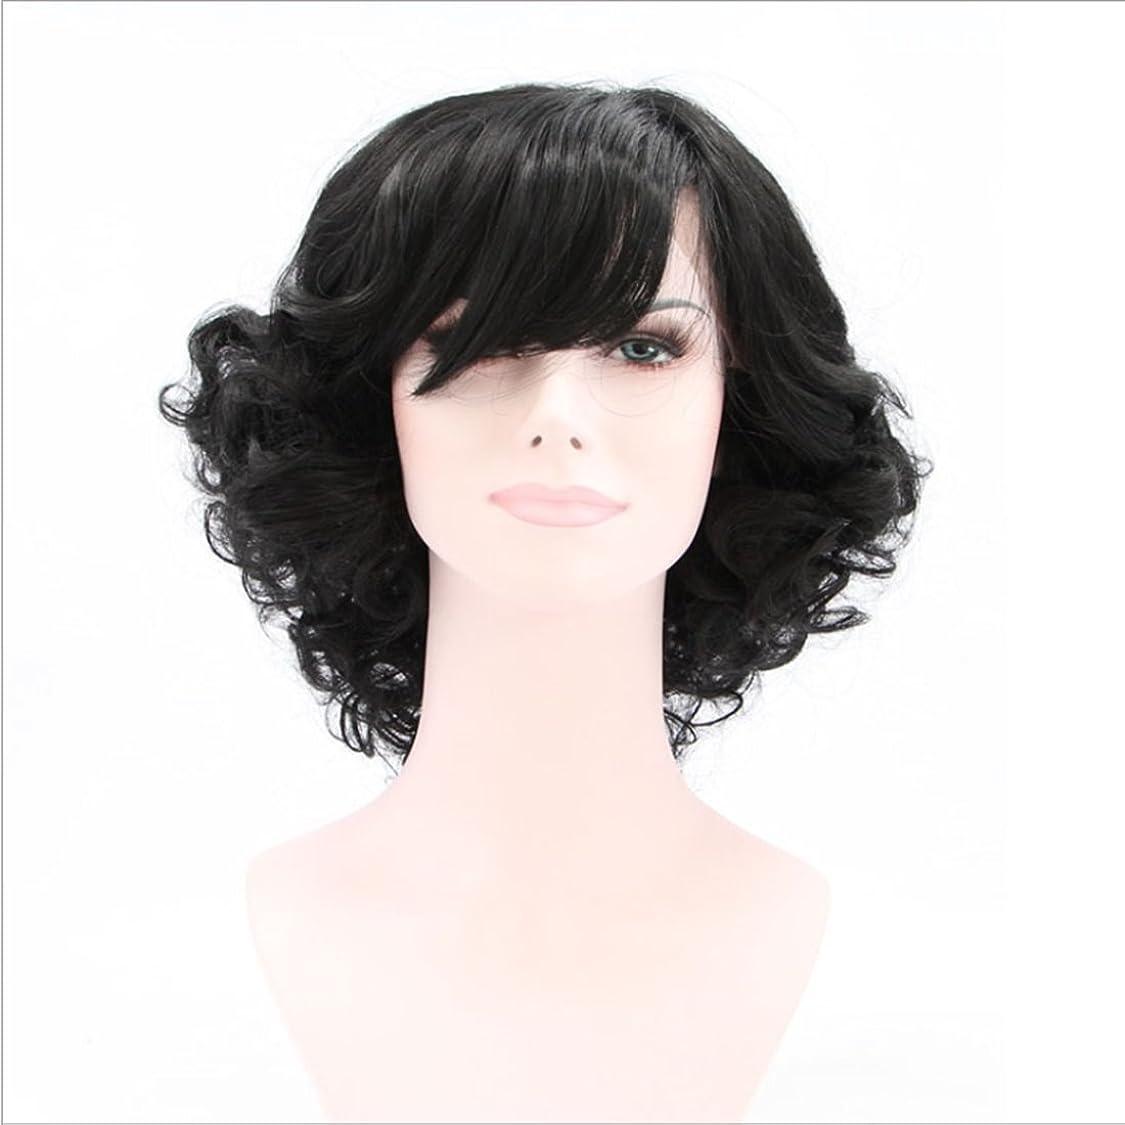 凶暴な脆いラフDoyvanntgo 女性のための短いカーリーウィッグ高温シルクのフロント斜めバングの合成毛のフロントフルハウス織りのための自然な黒のかつらカーリーヘア (Color : ブラック)